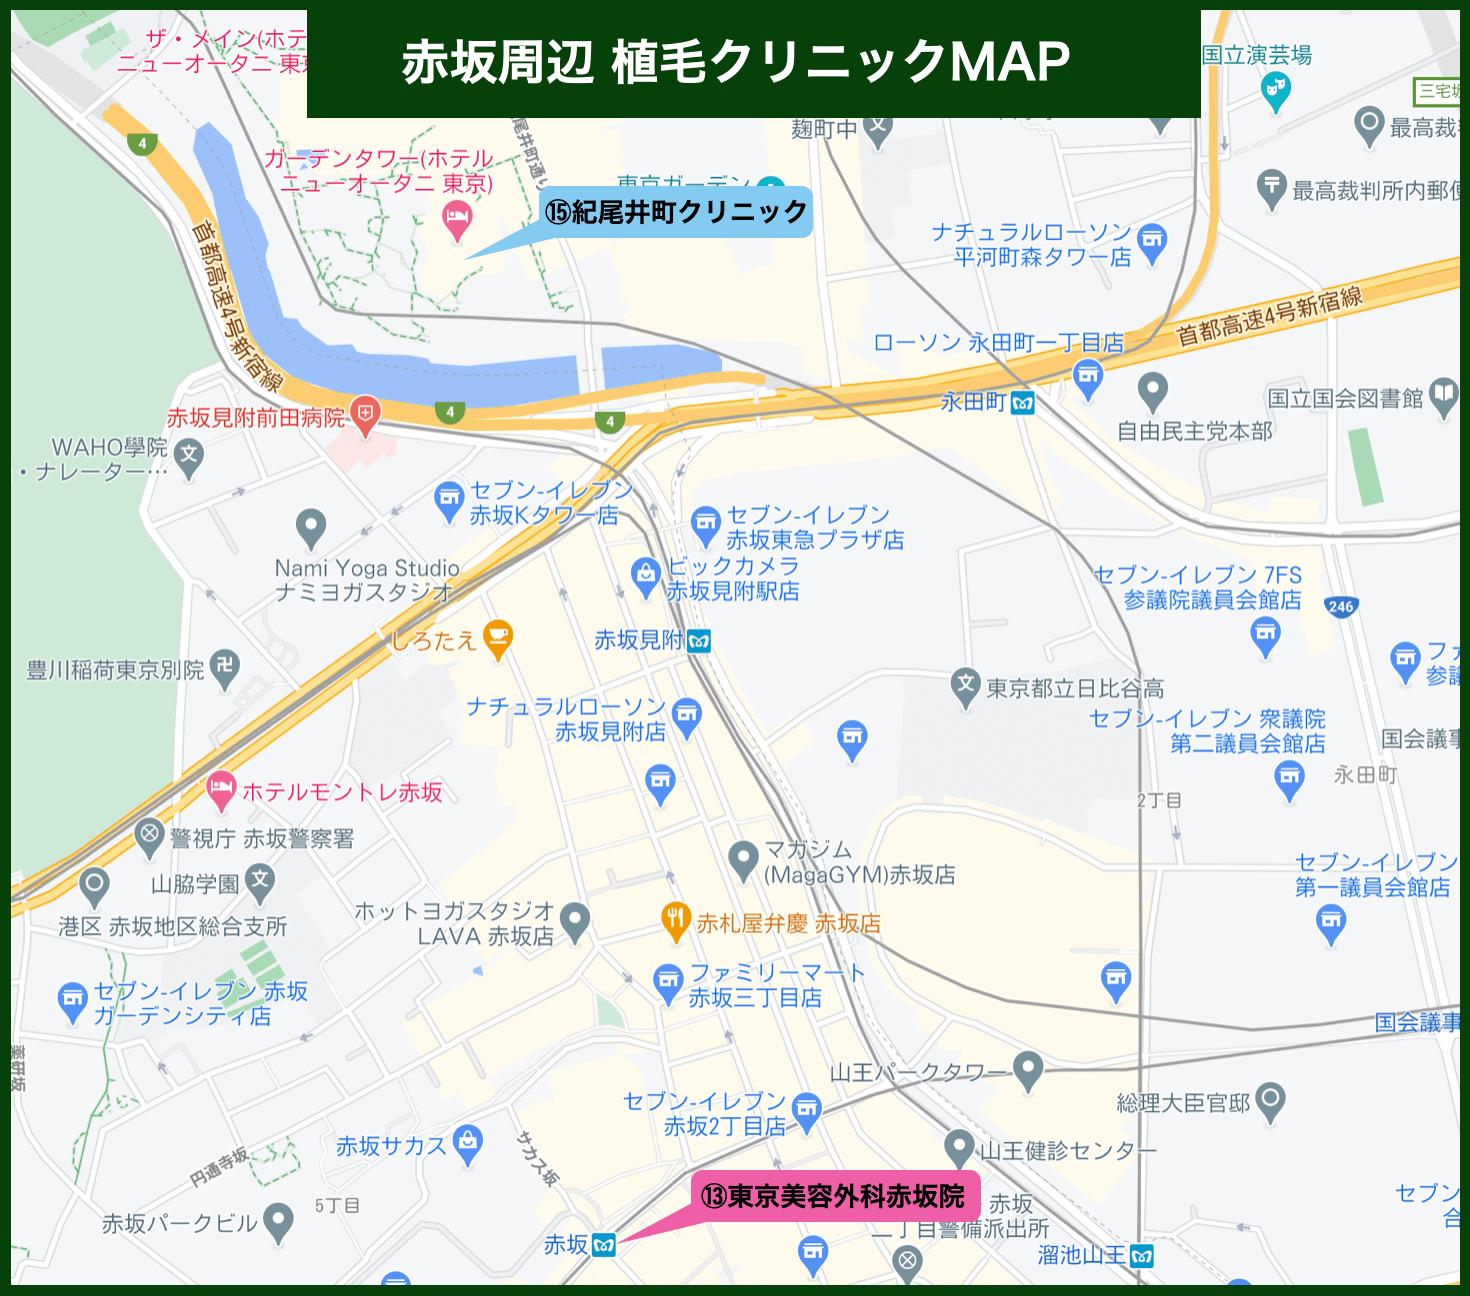 赤坂周辺植毛クリニックMAP(2021年版)